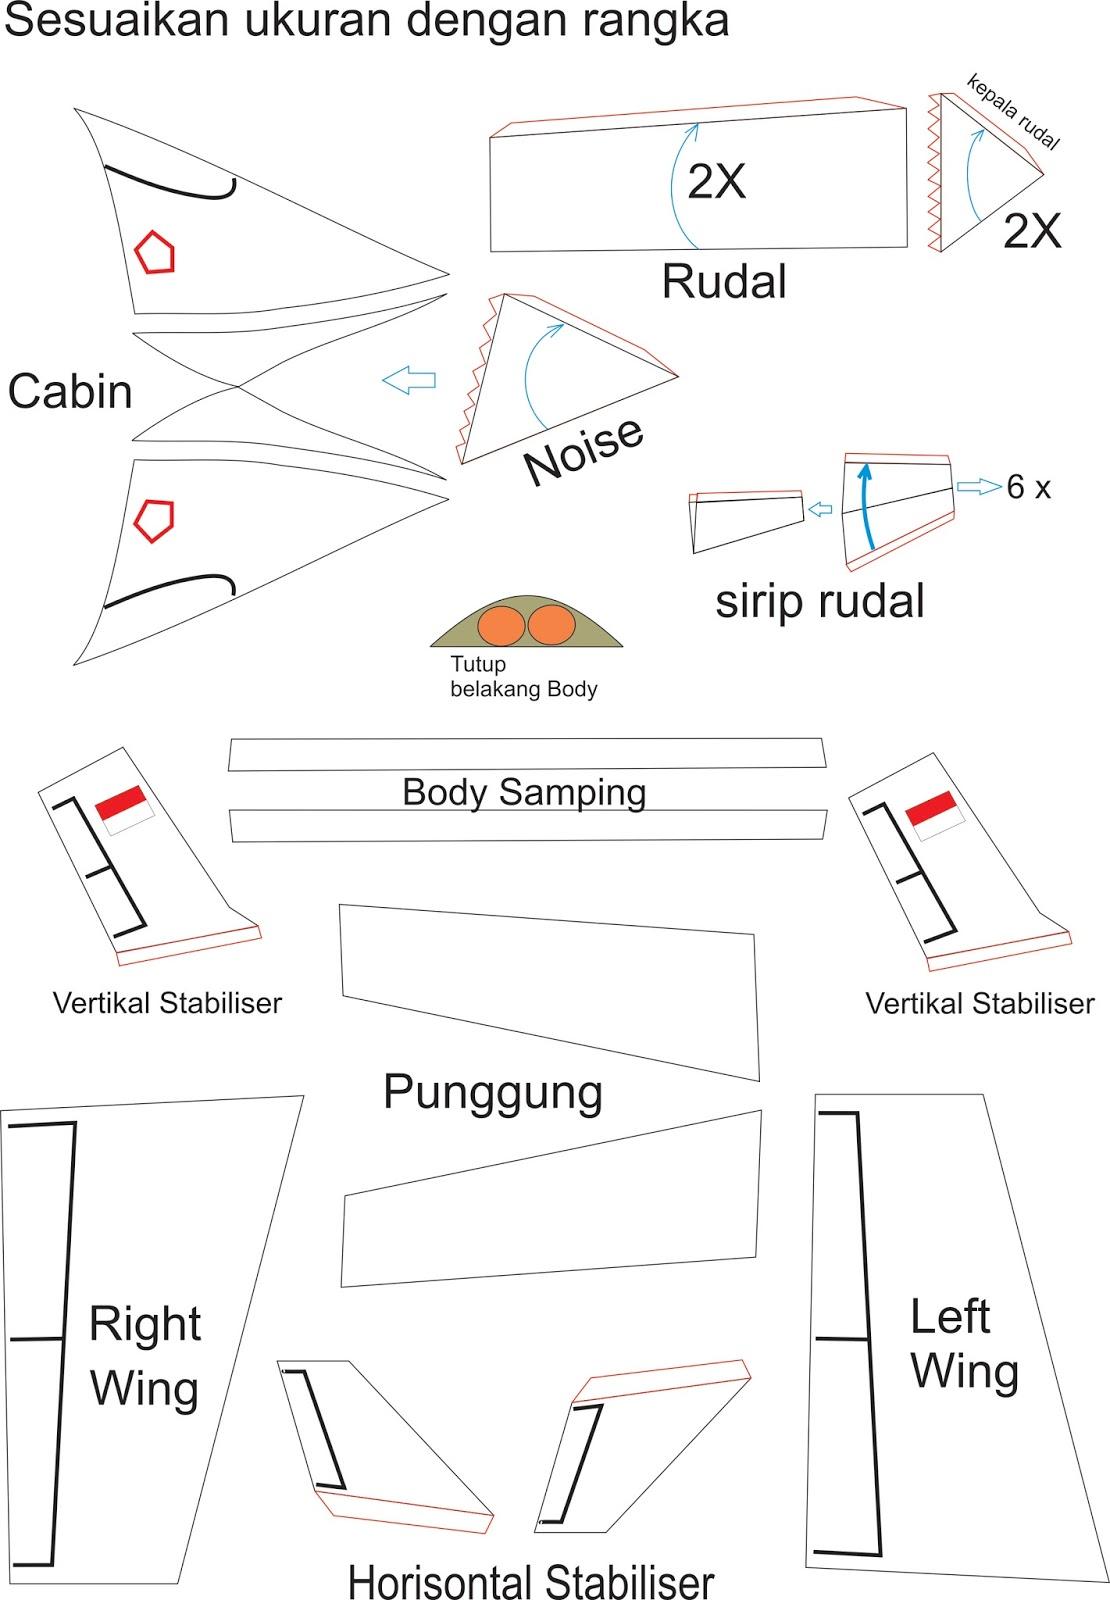 Cara Membuat Pesawat Kertas Yang Bisa Terbang Super Jauh: Cara Membuat Sepeda Hias Pesawat: Membuat Sepeda Hias